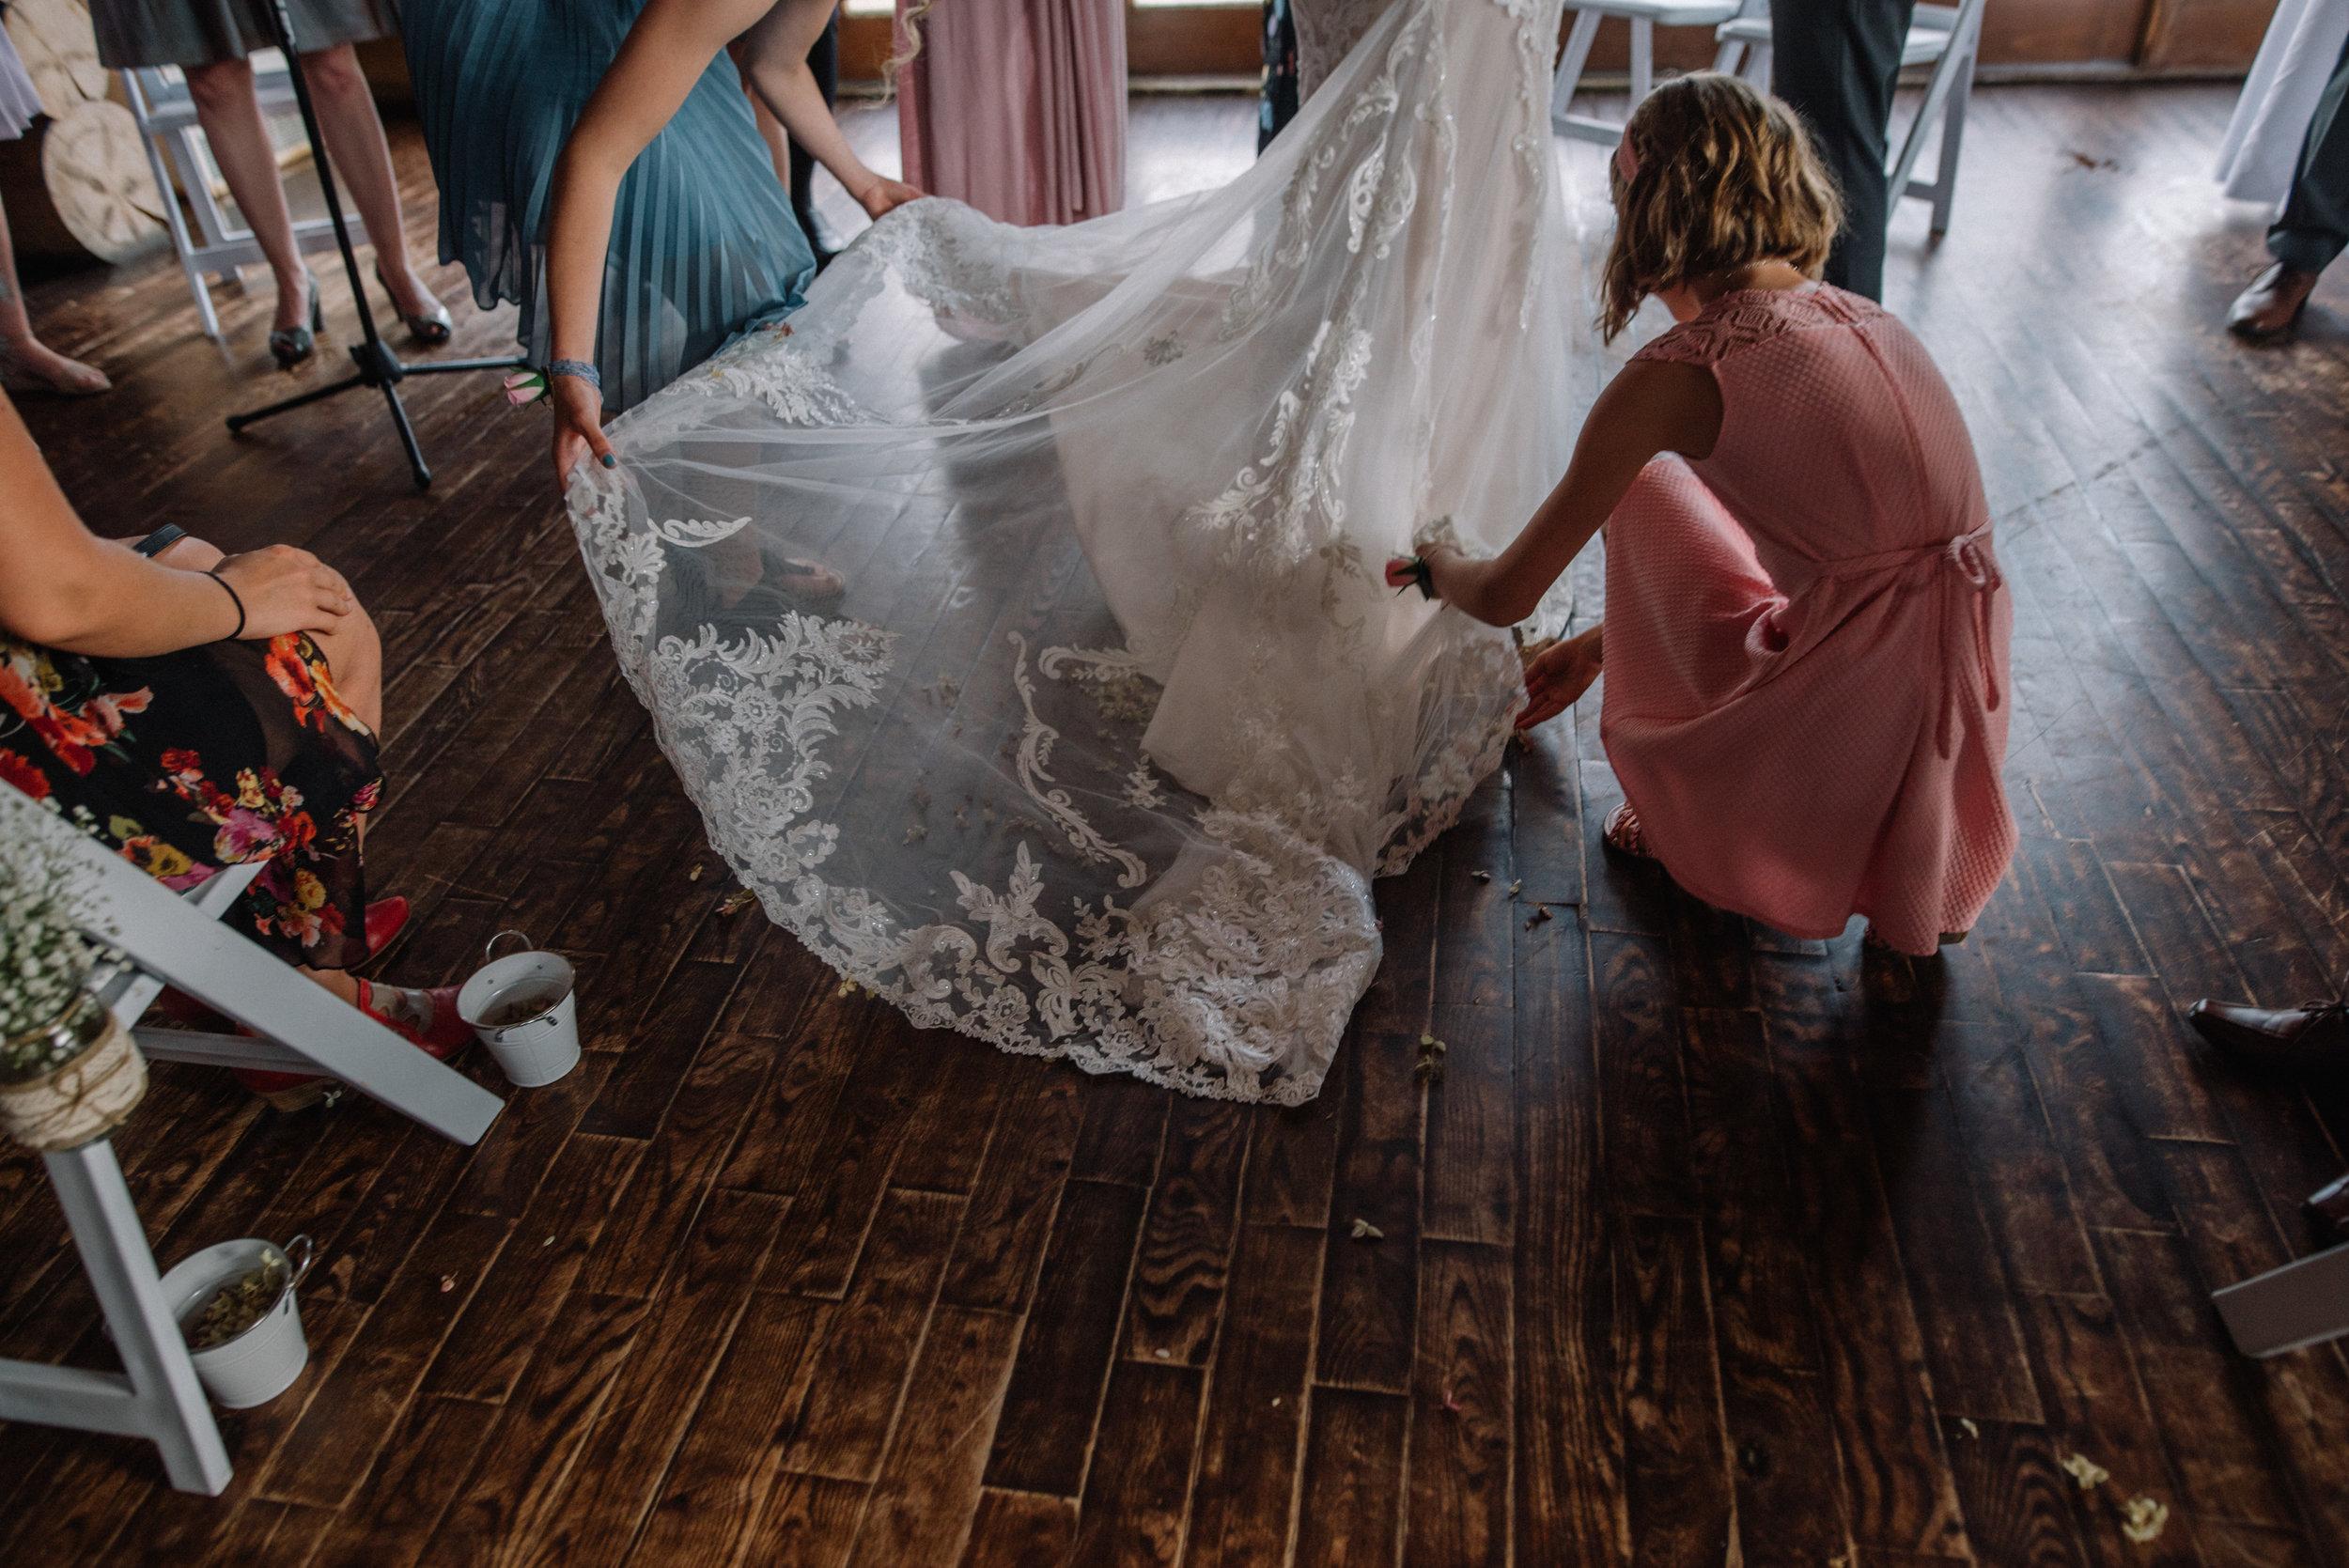 gatineau_photographe_mariage_ottawa_wedding_photography_documentary_candid_unposed_lifestyle_photography_photographie_613_family_famille (42).jpg